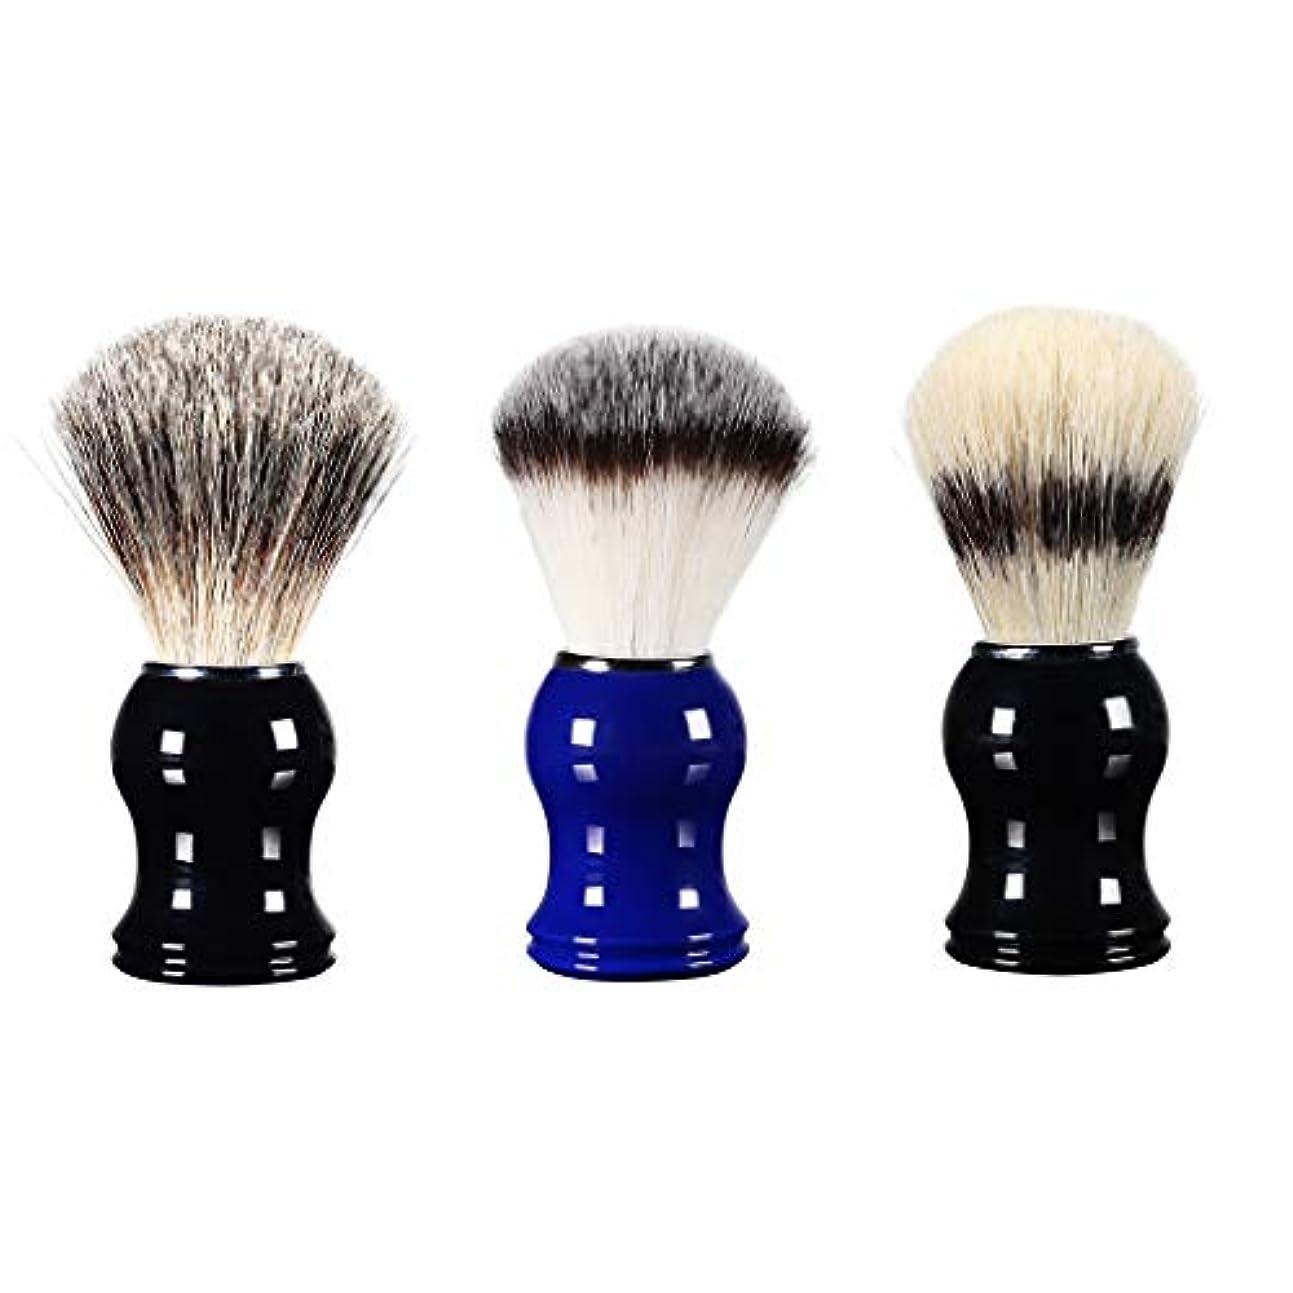 セッティング暴行代替dailymall 3 Xプロのひげ剃りブラシ男性化粧品グルーミングツール樹脂ハンドル